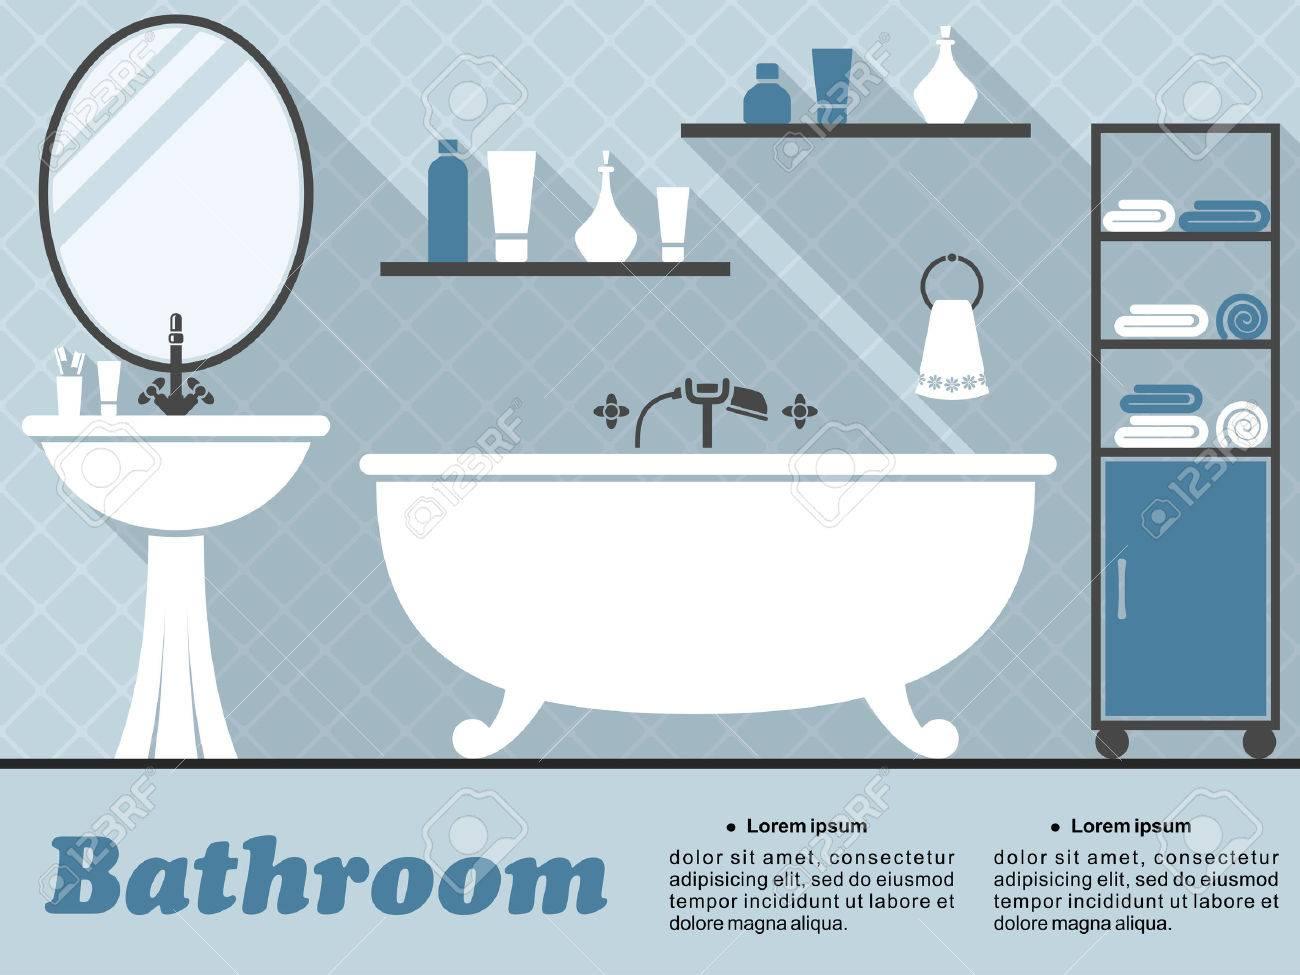 Cuarto de baño en estilo plano con bañera, espejo, lavabo, estantes y  accesorios con una larga sombra en colores azul y blanco para el diseño de  ...